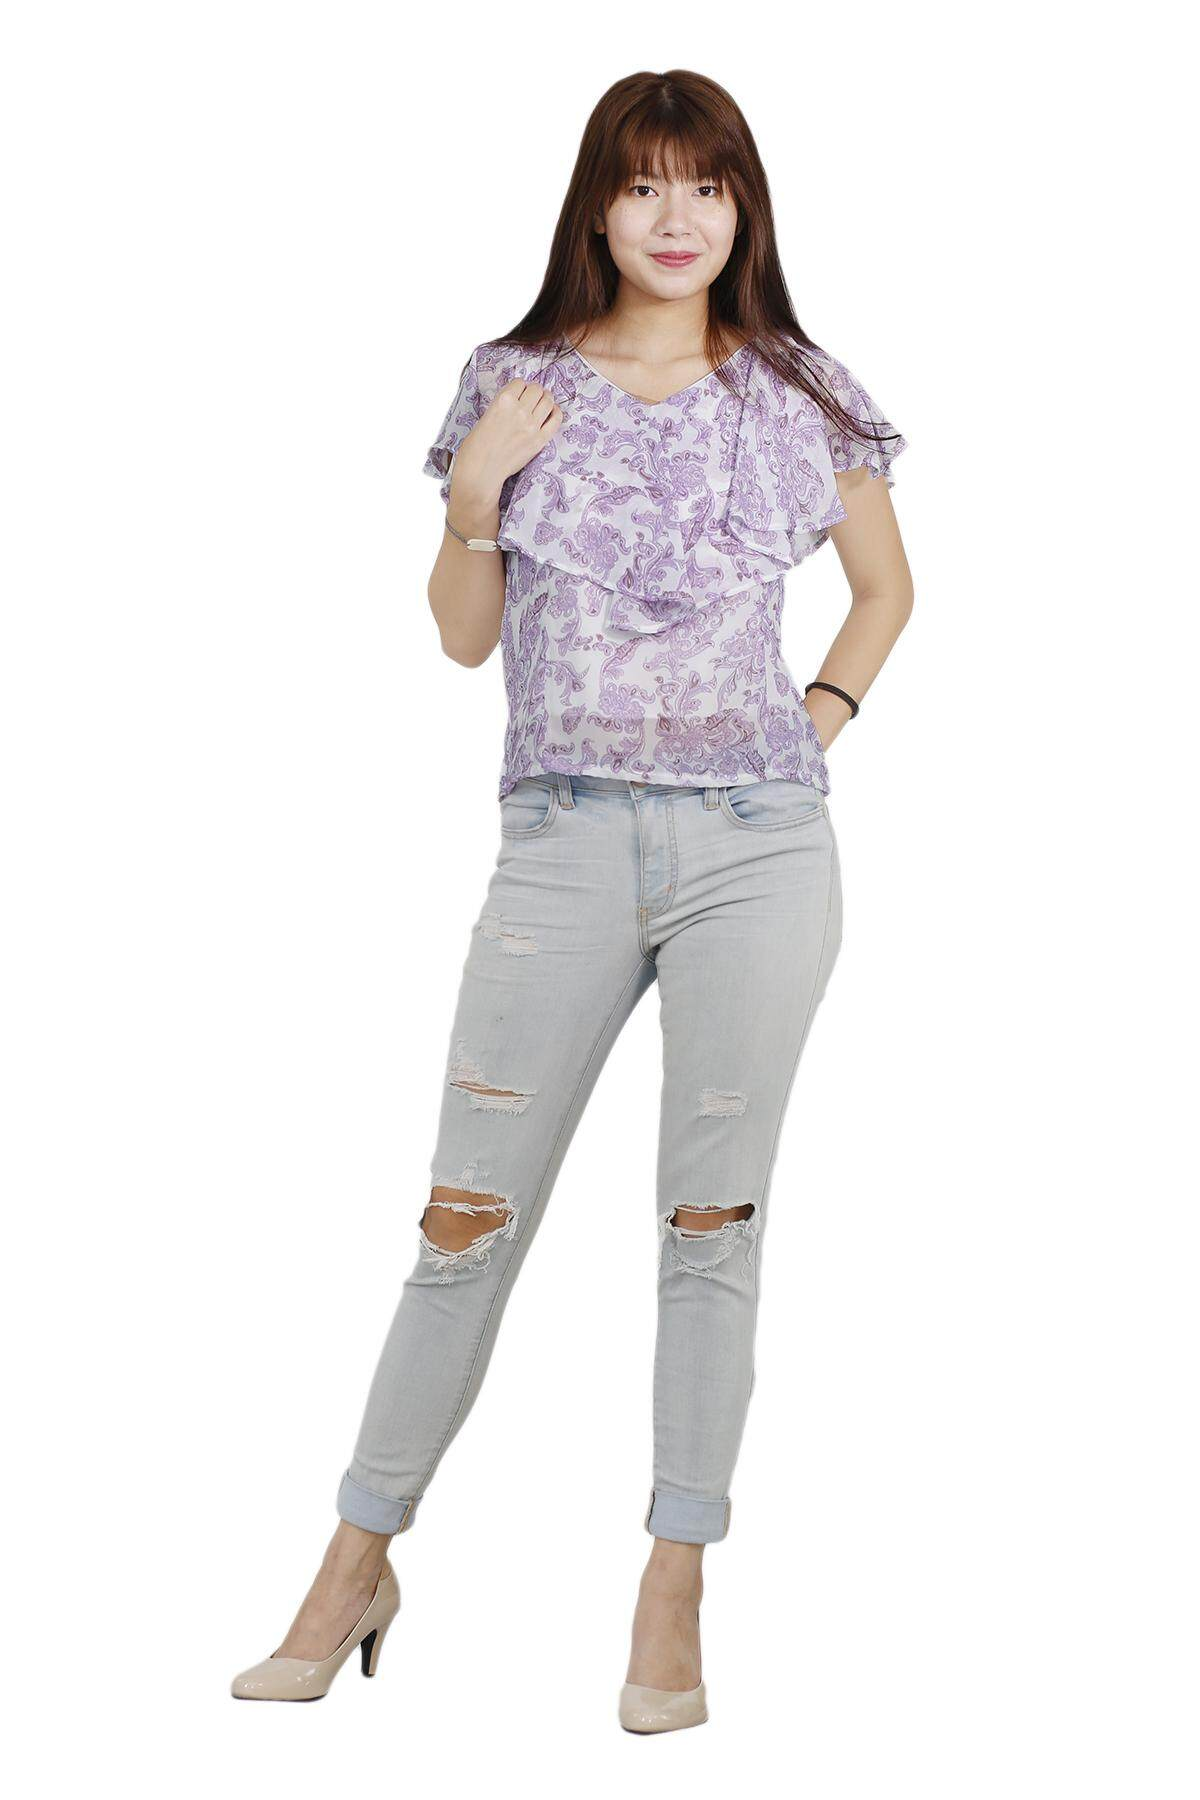 รีวิว Muko Emma เสื้อให้นม/คลุมท้อง BSL03